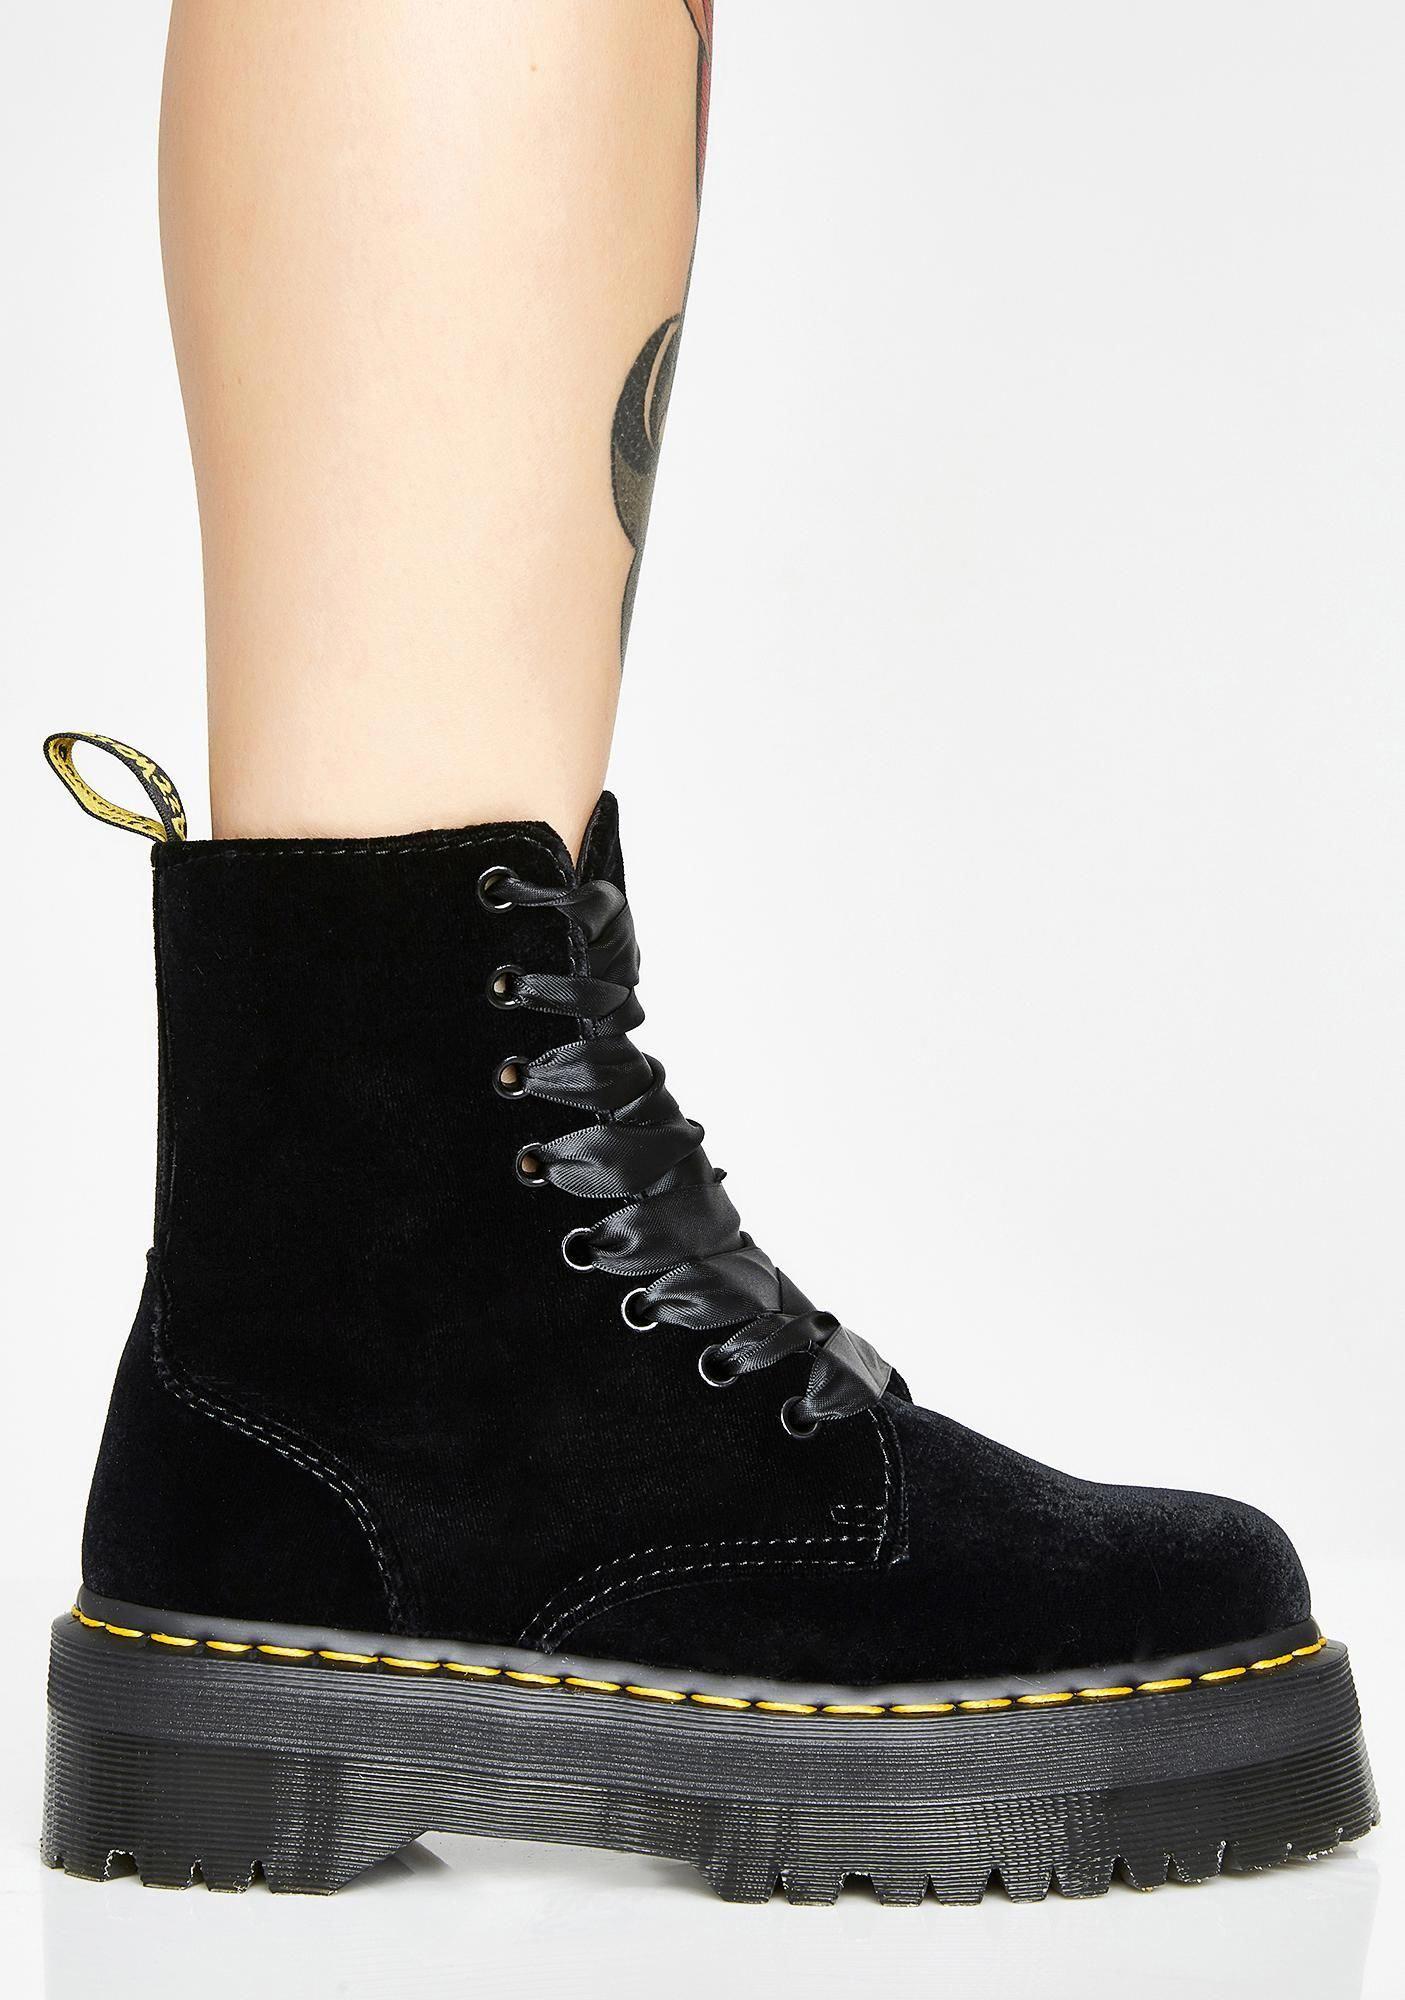 JADON VELVET | Women's Boots, Shoes & Sandals | Dr. Martens